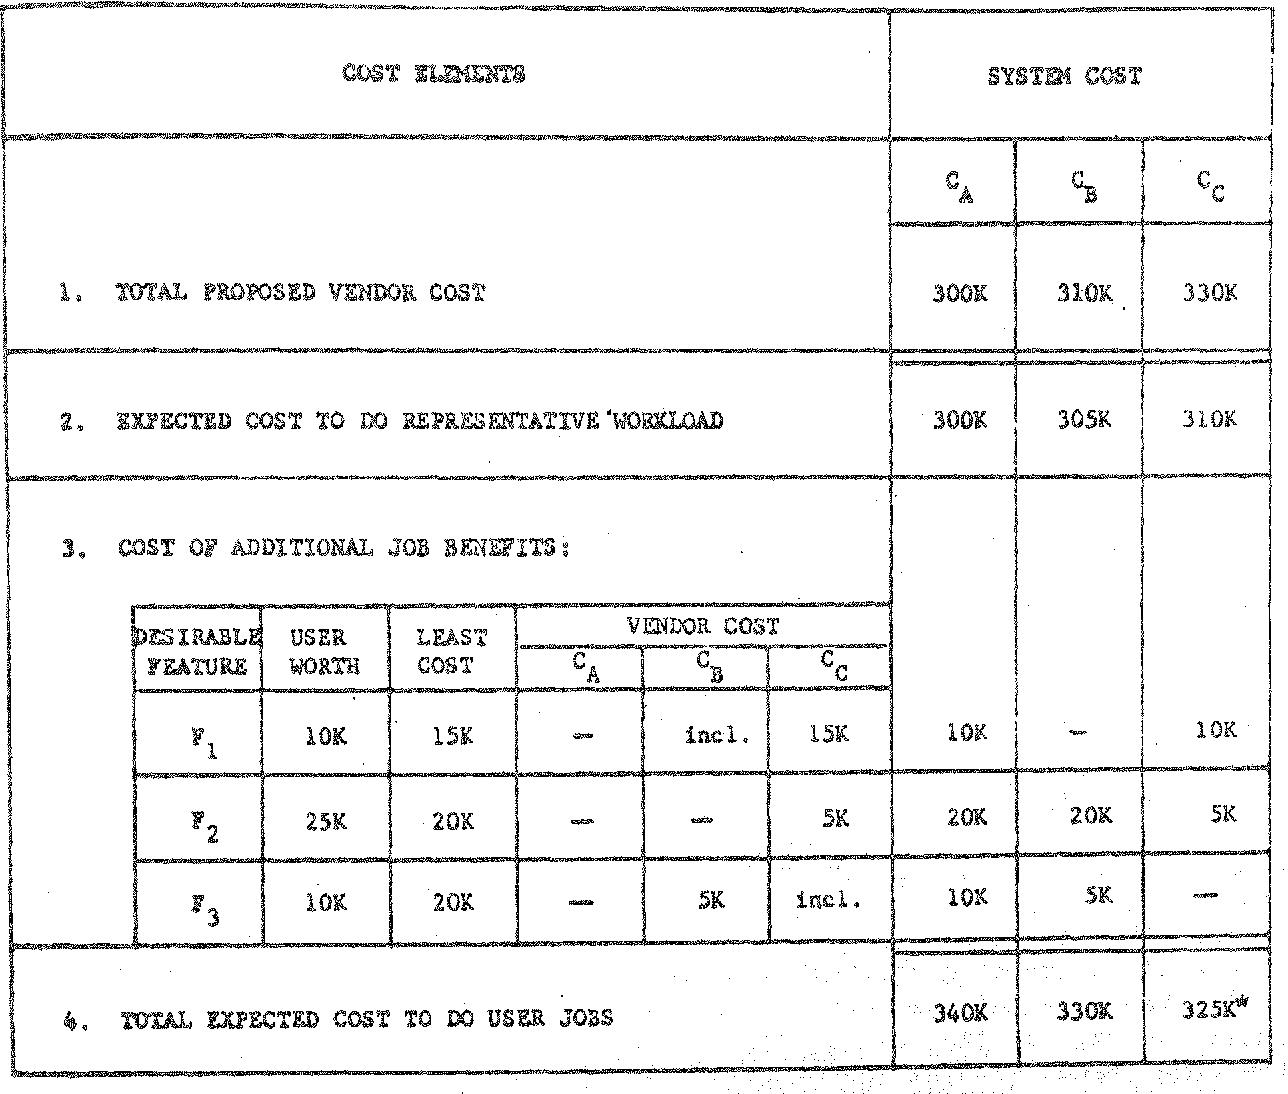 Figure 13. Evaluator rs Worksheet